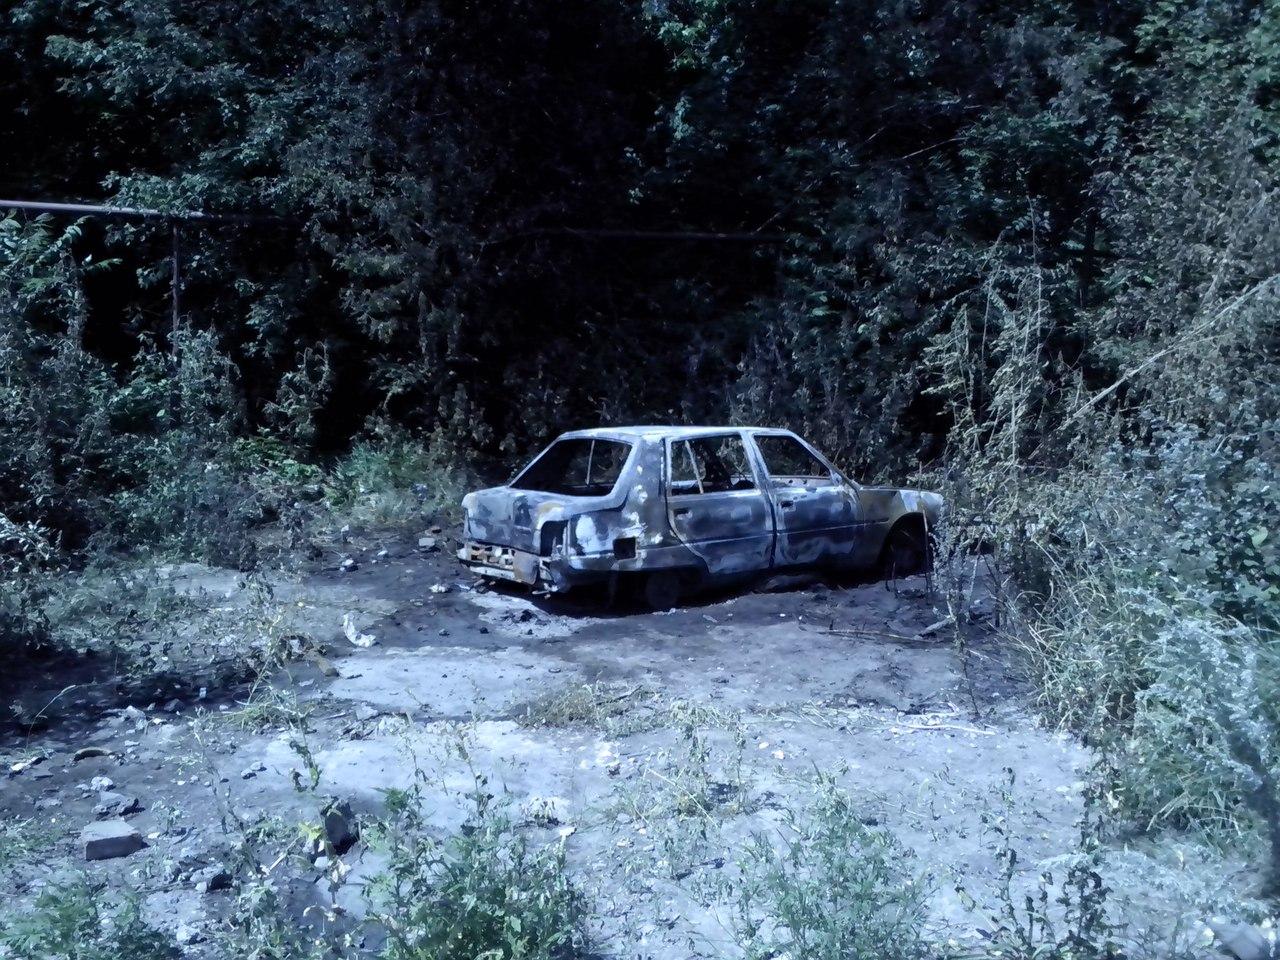 В Буденновском районе Донецка снаряд попал в автомобиль